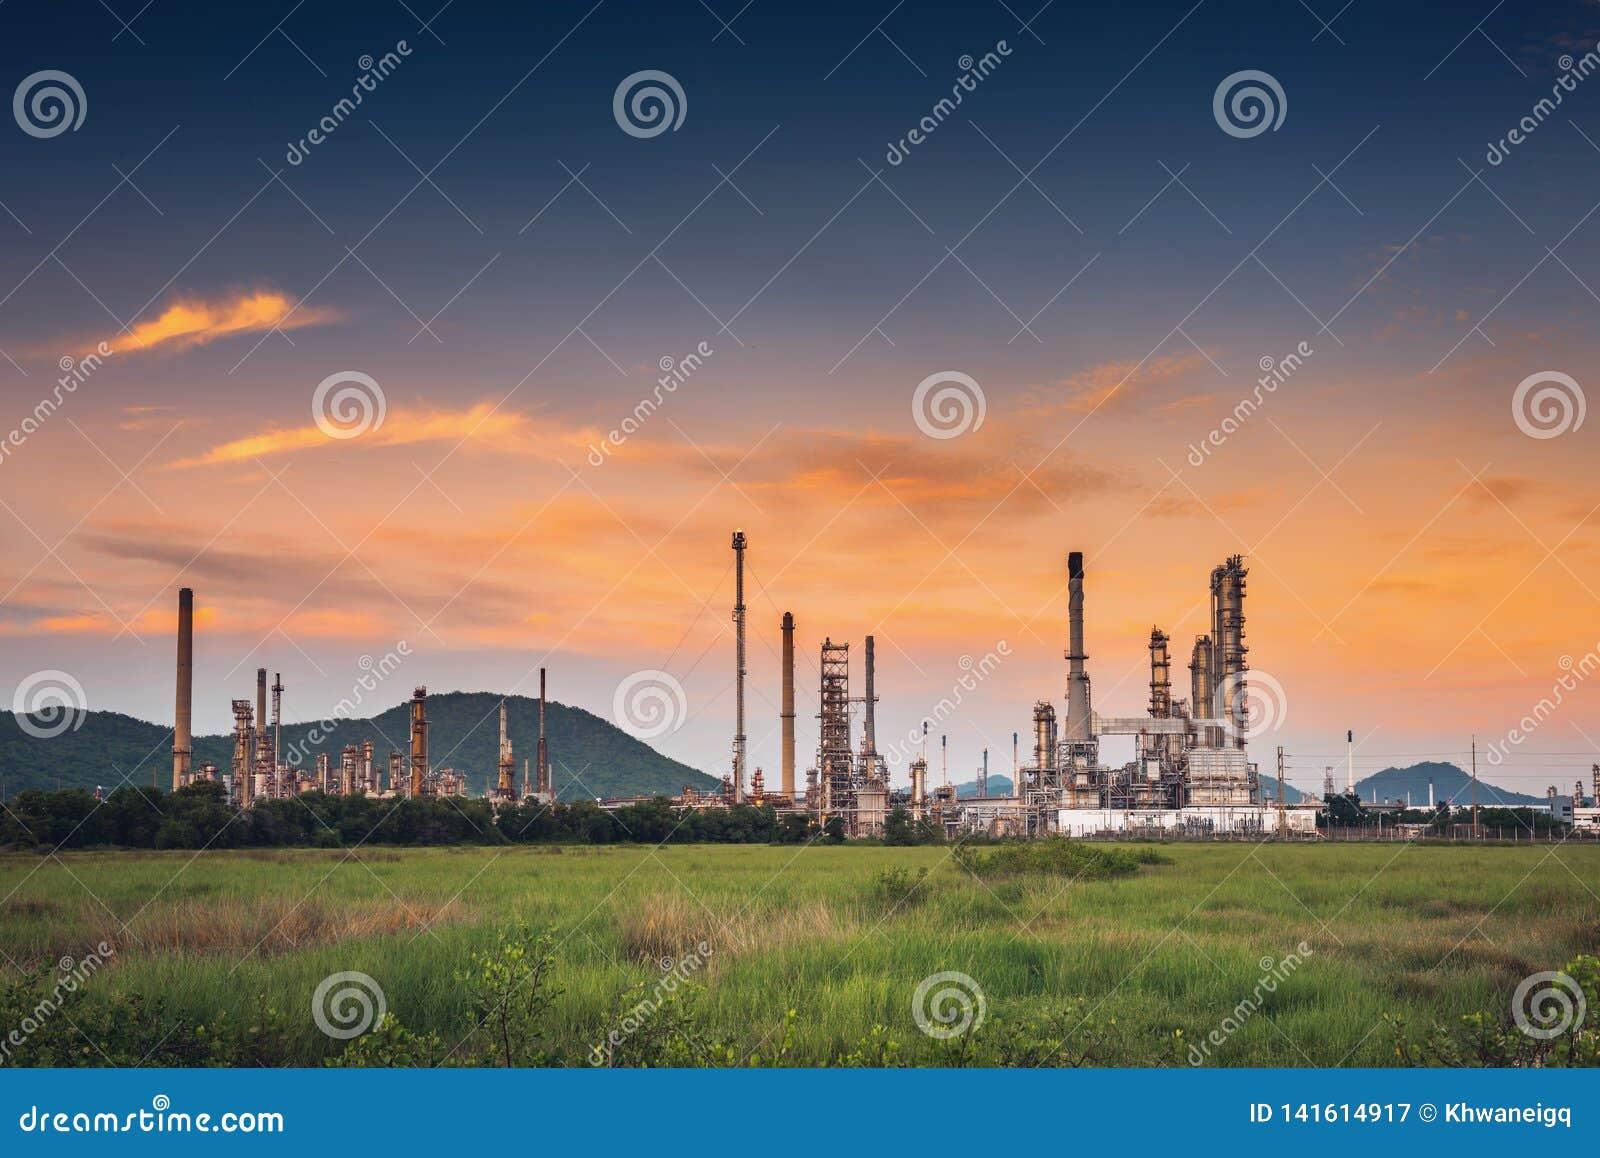 Paysage d usine de raffinerie de pétrole et de gaz , Bâtiments pétrochimiques ou chimiques de processus de distillation , Usine d